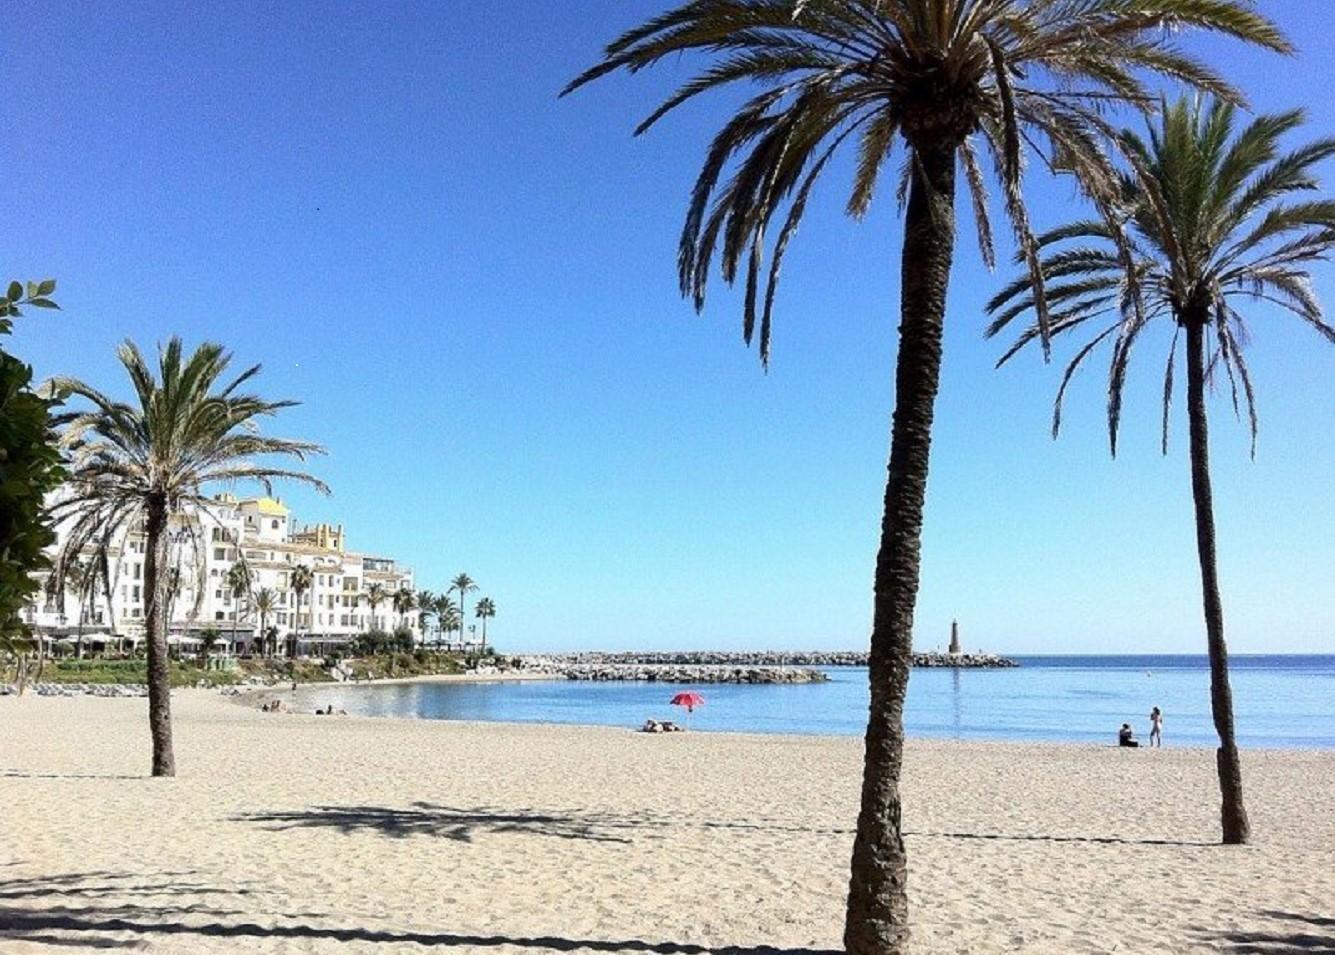 Foto de la playa de Marbella donde se ve lo blanca que es la arena y el mar de fondo